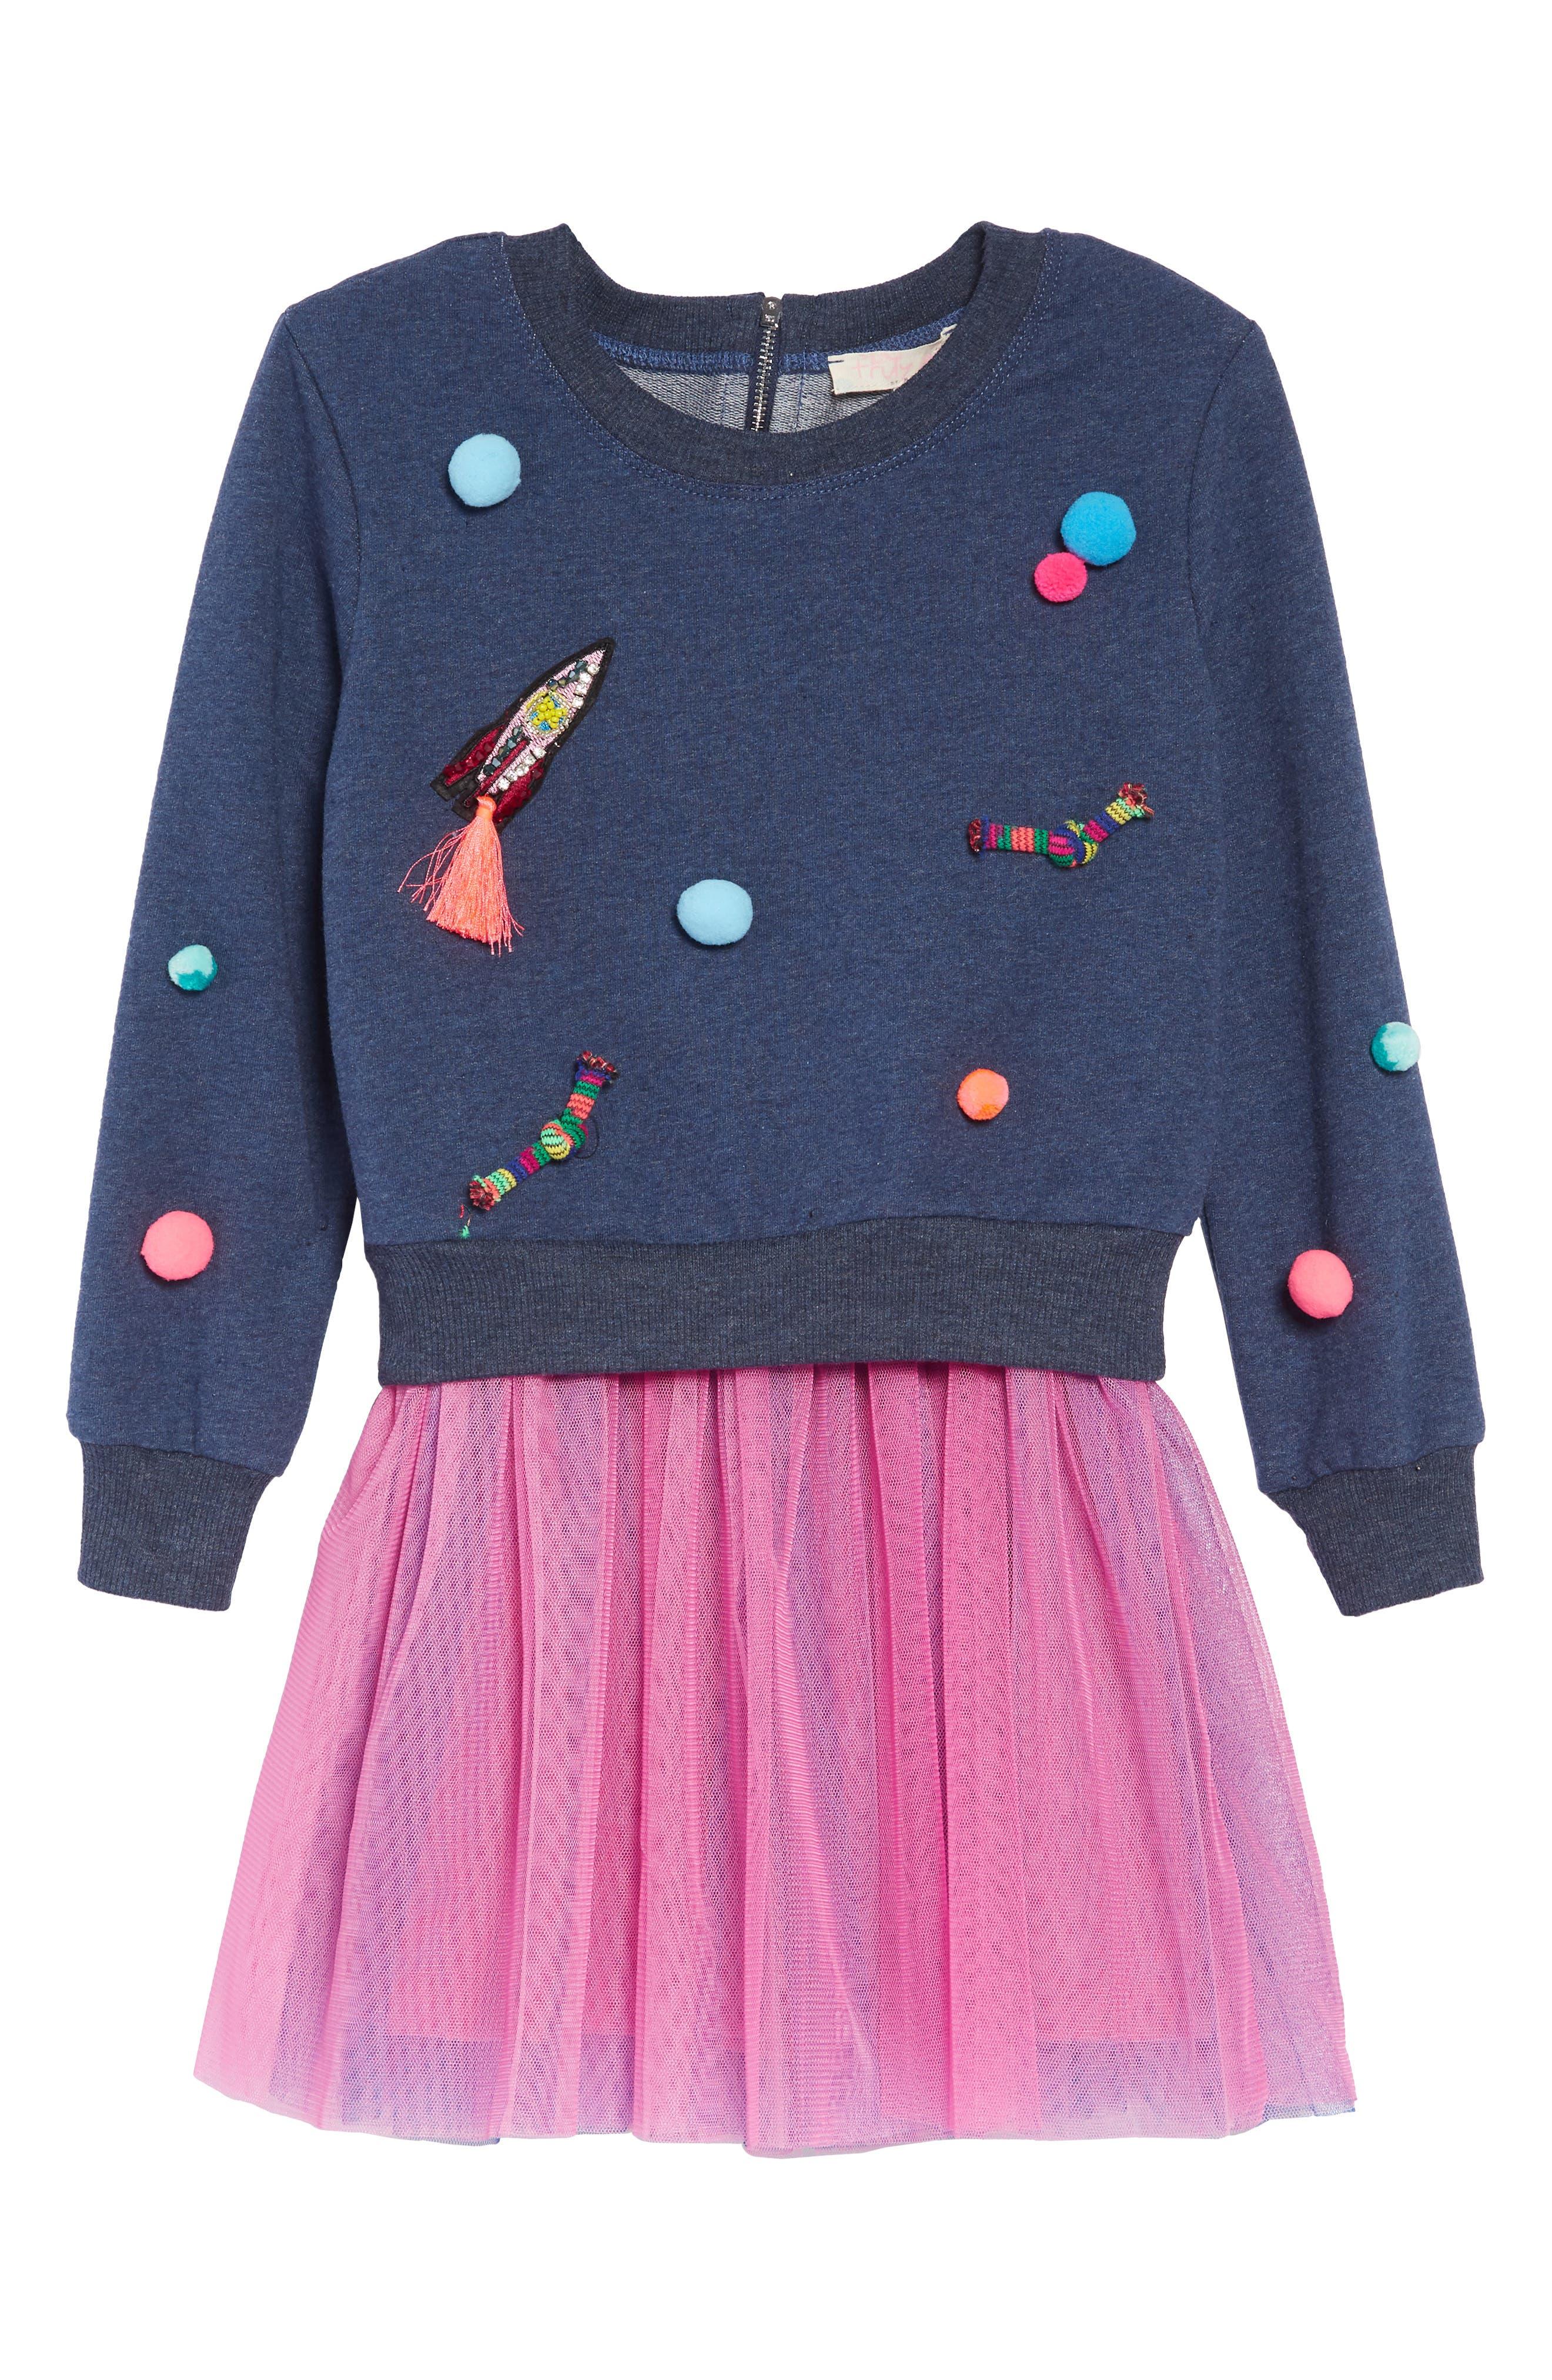 Appliqué Top & Tutu Dress Set,                             Main thumbnail 1, color,                             NAVY-PINK